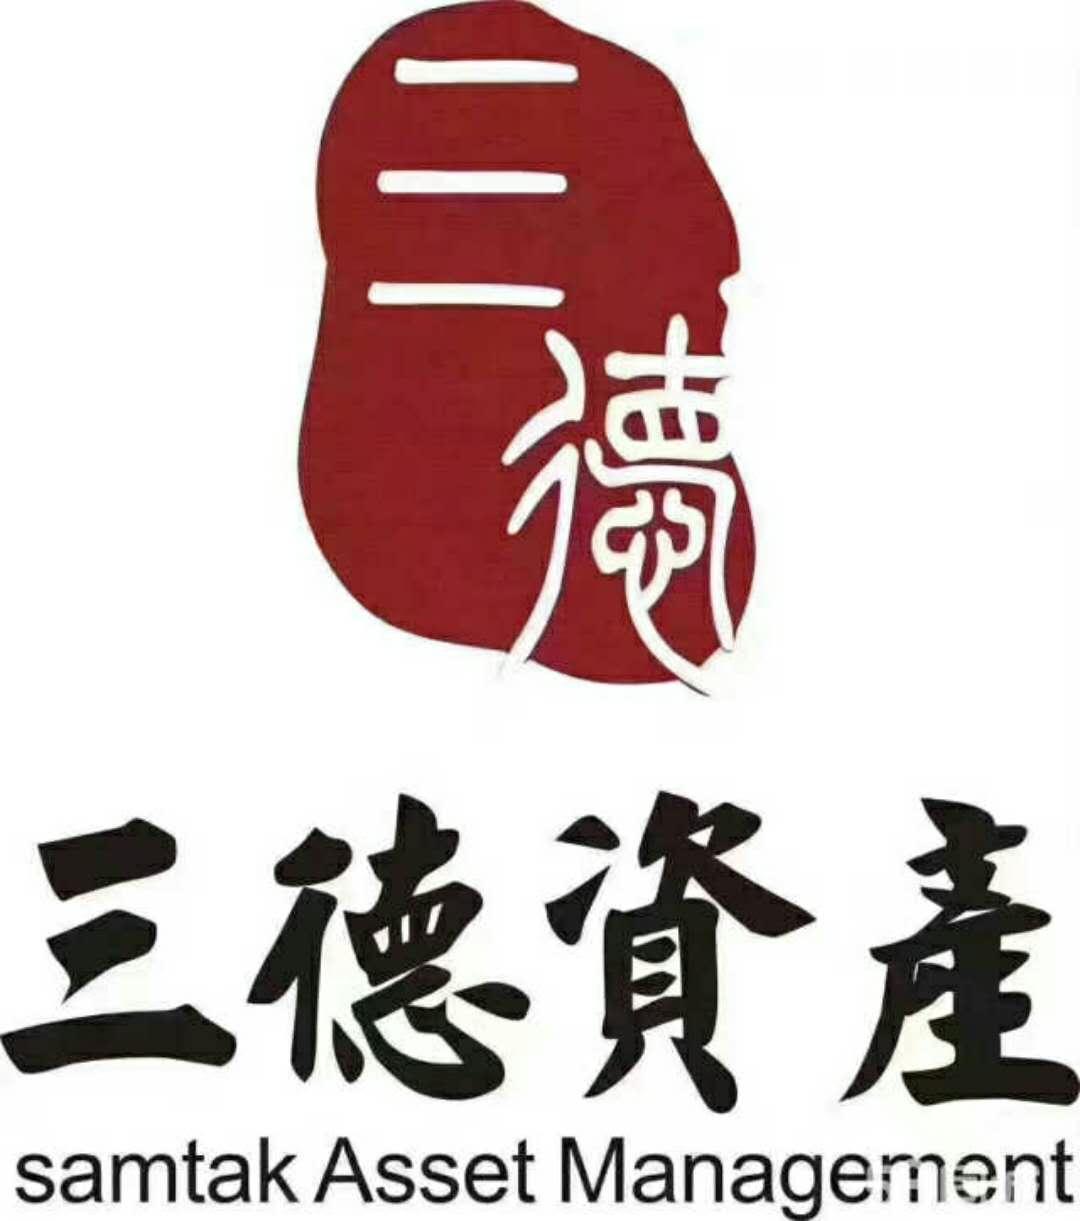 深圳市三德资产管理有限公司logo